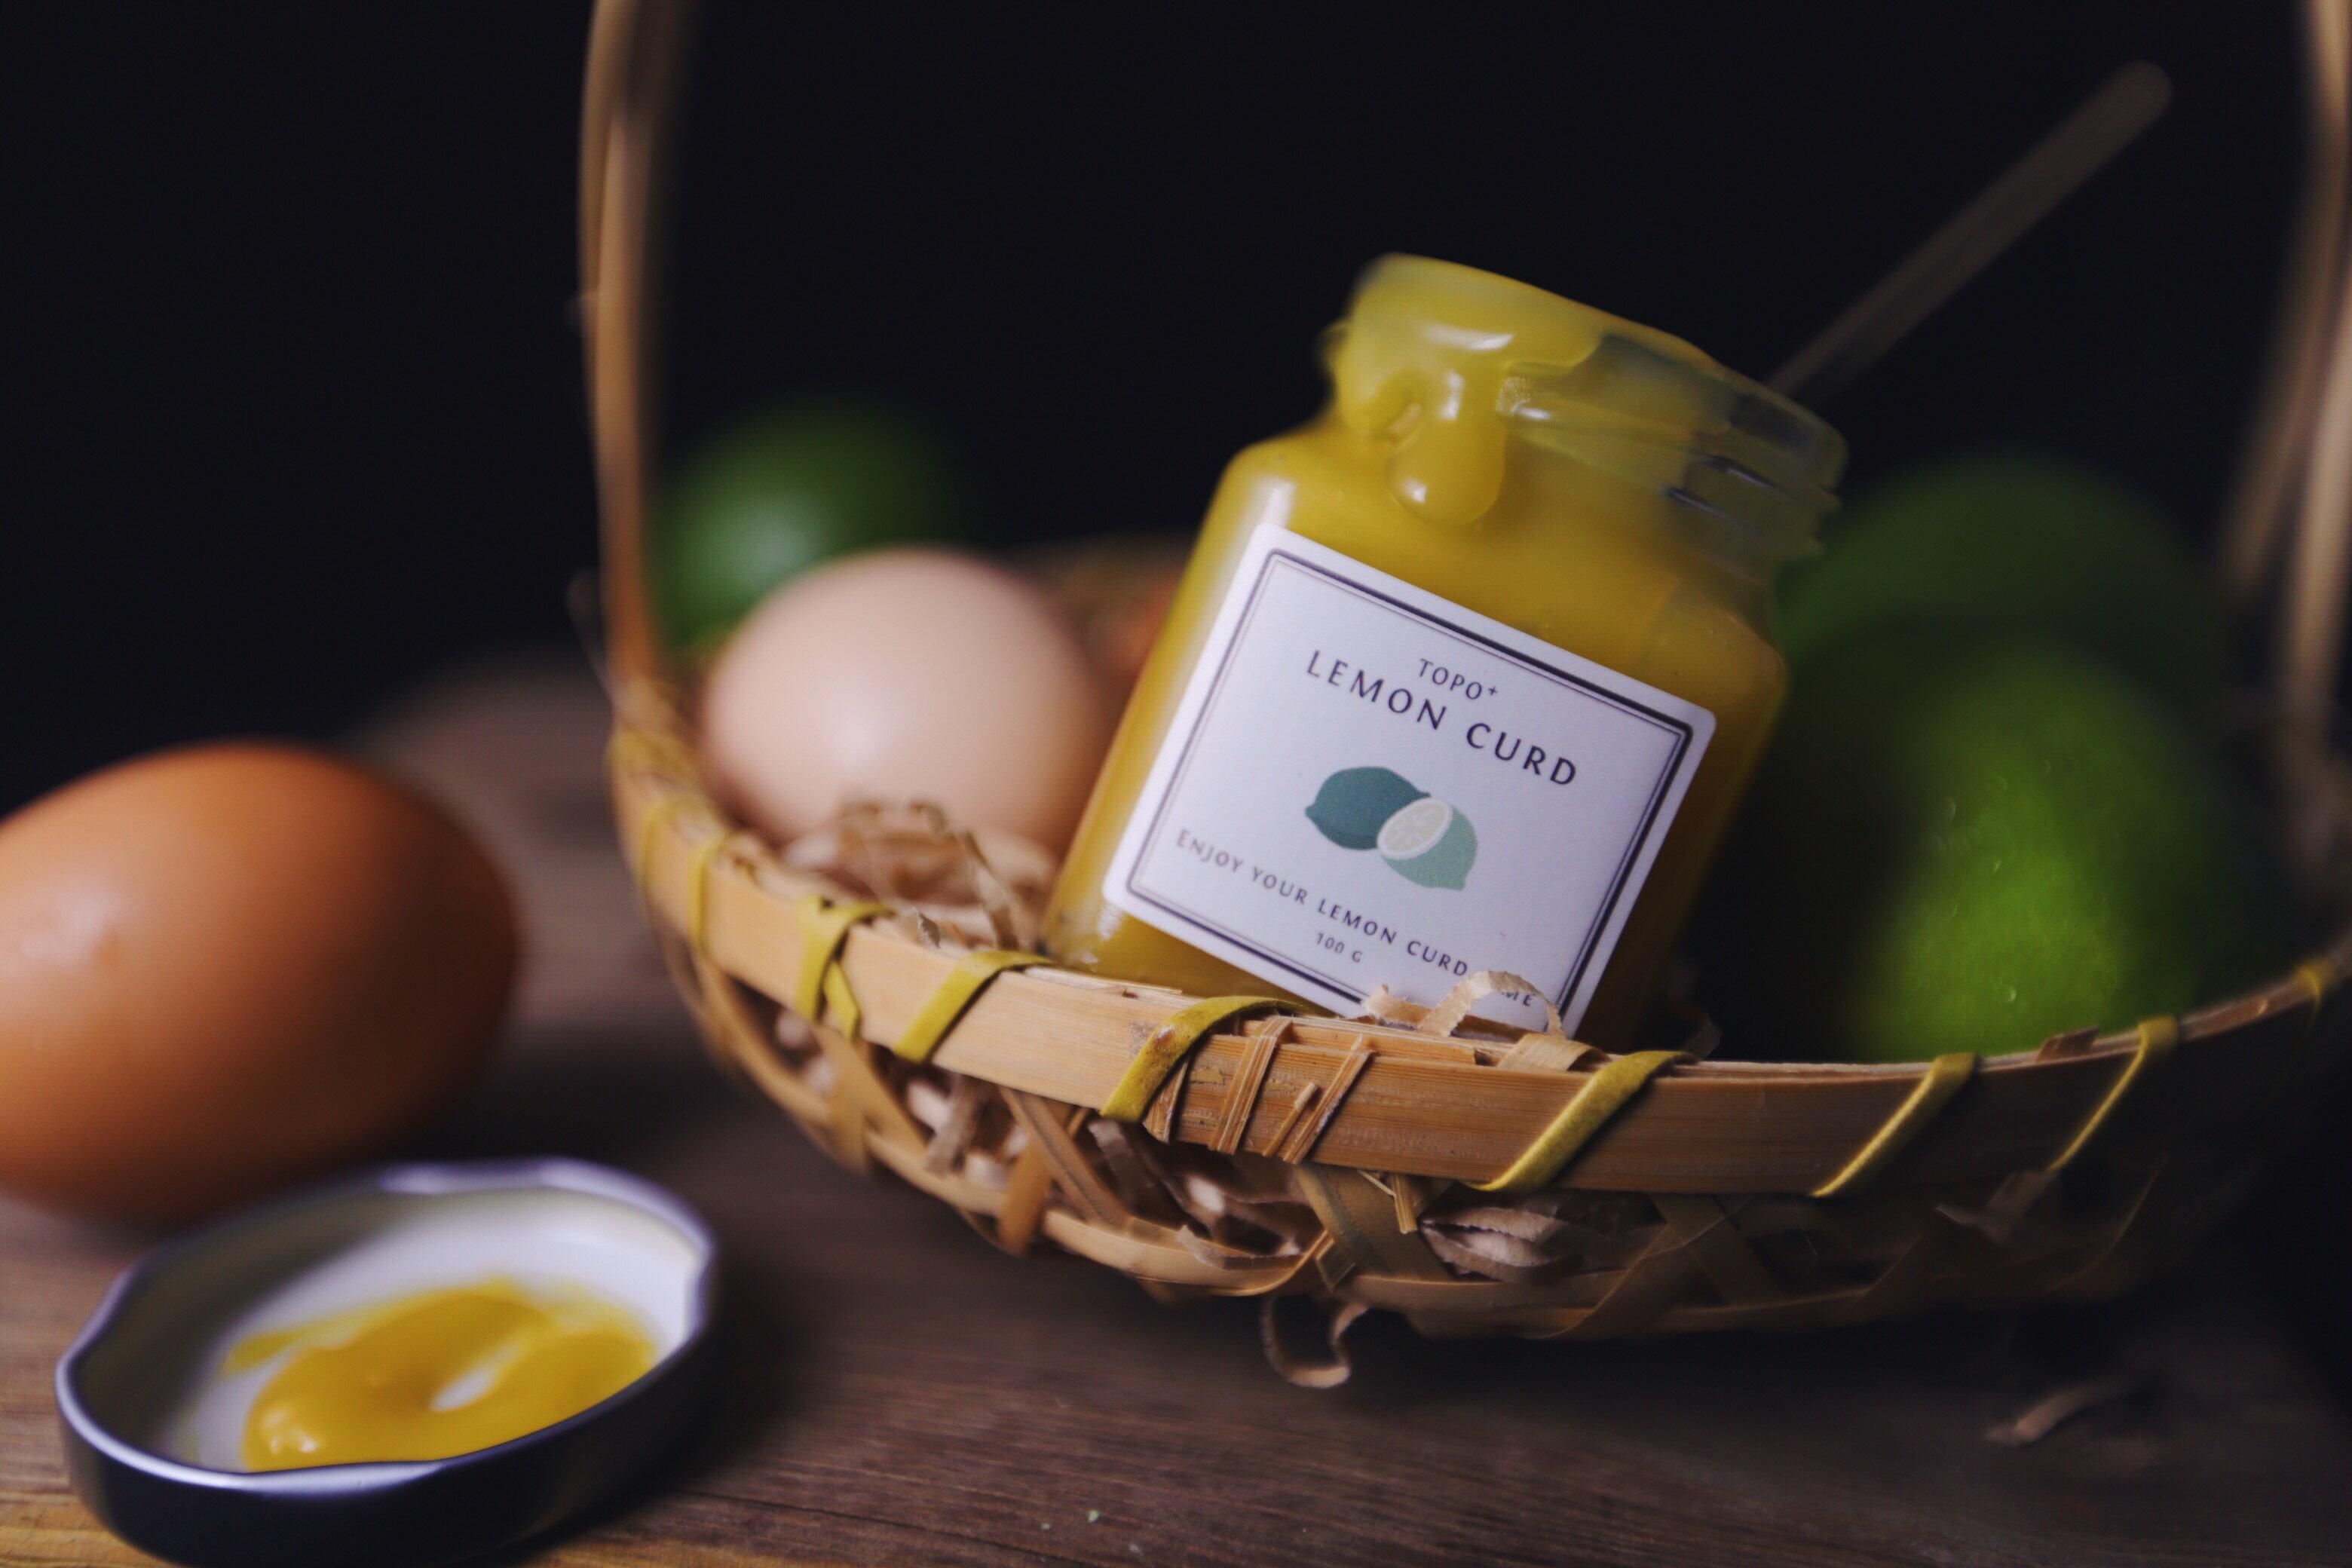 【拓樸本然Topo】檸檬蛋香抹醬 手工抹醬(100g) 酸甜滋味超人氣